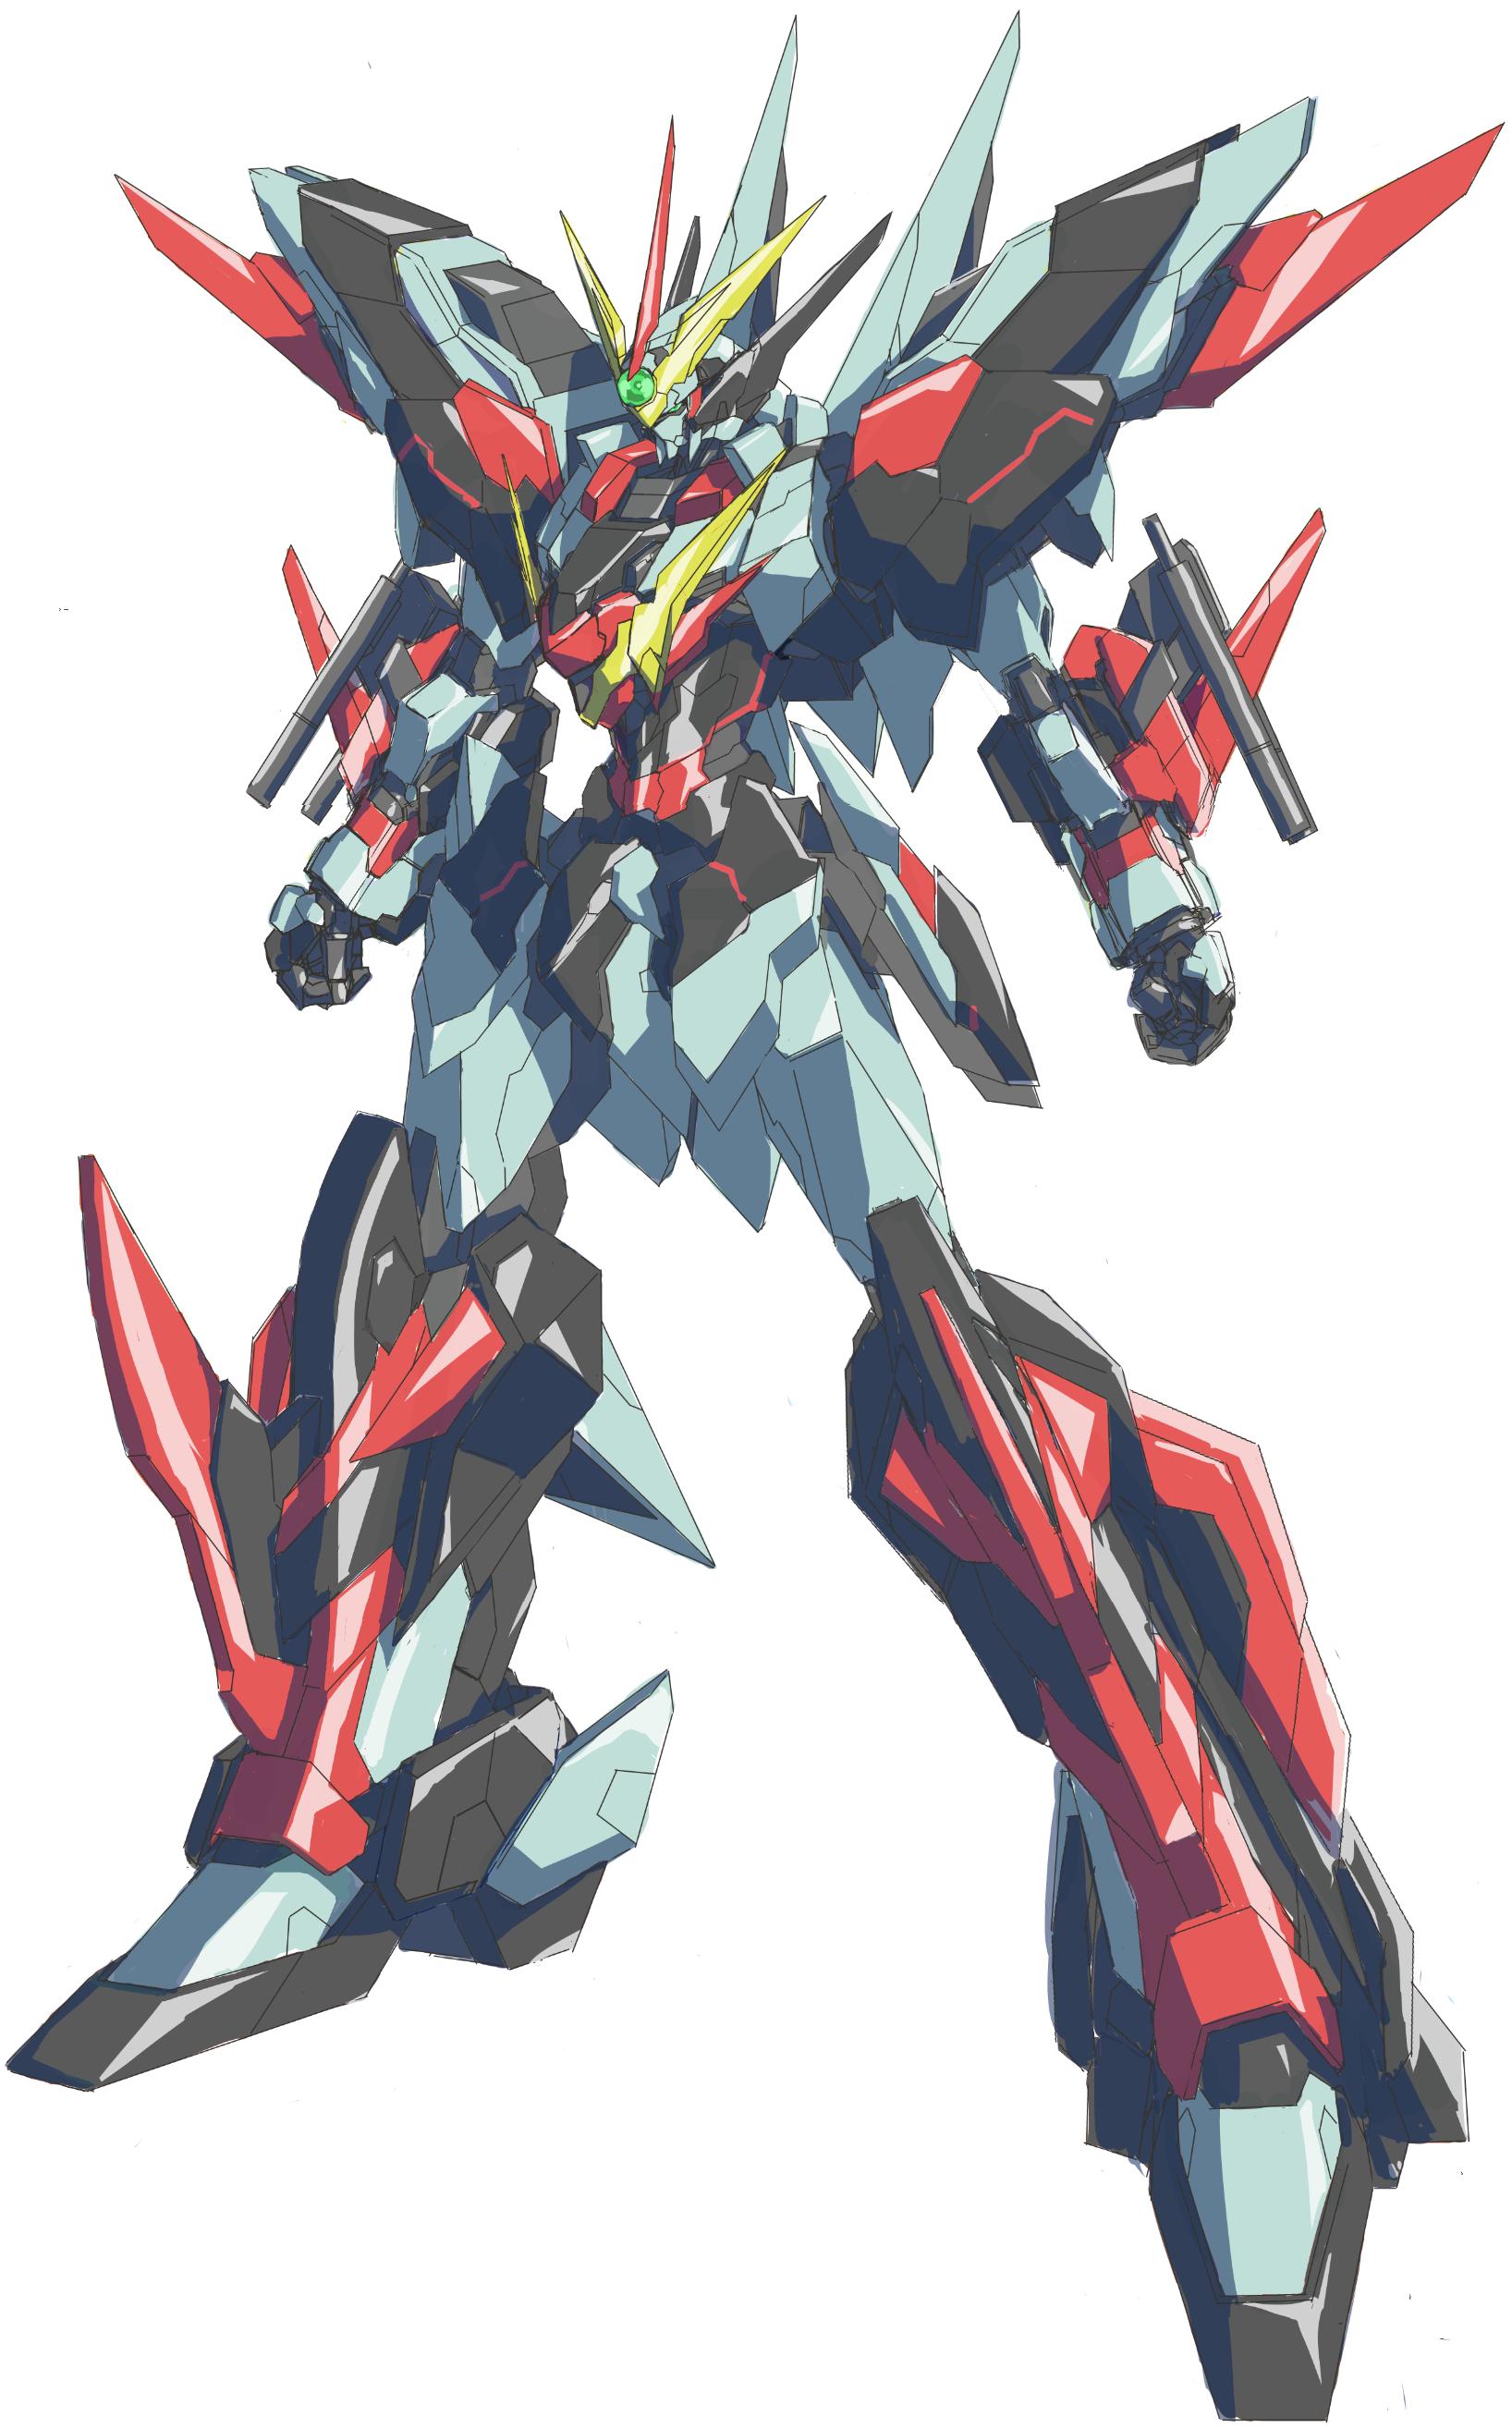 オリジナルスーパーロボ 改13 1 ガンダム ロボット 및 ロボット